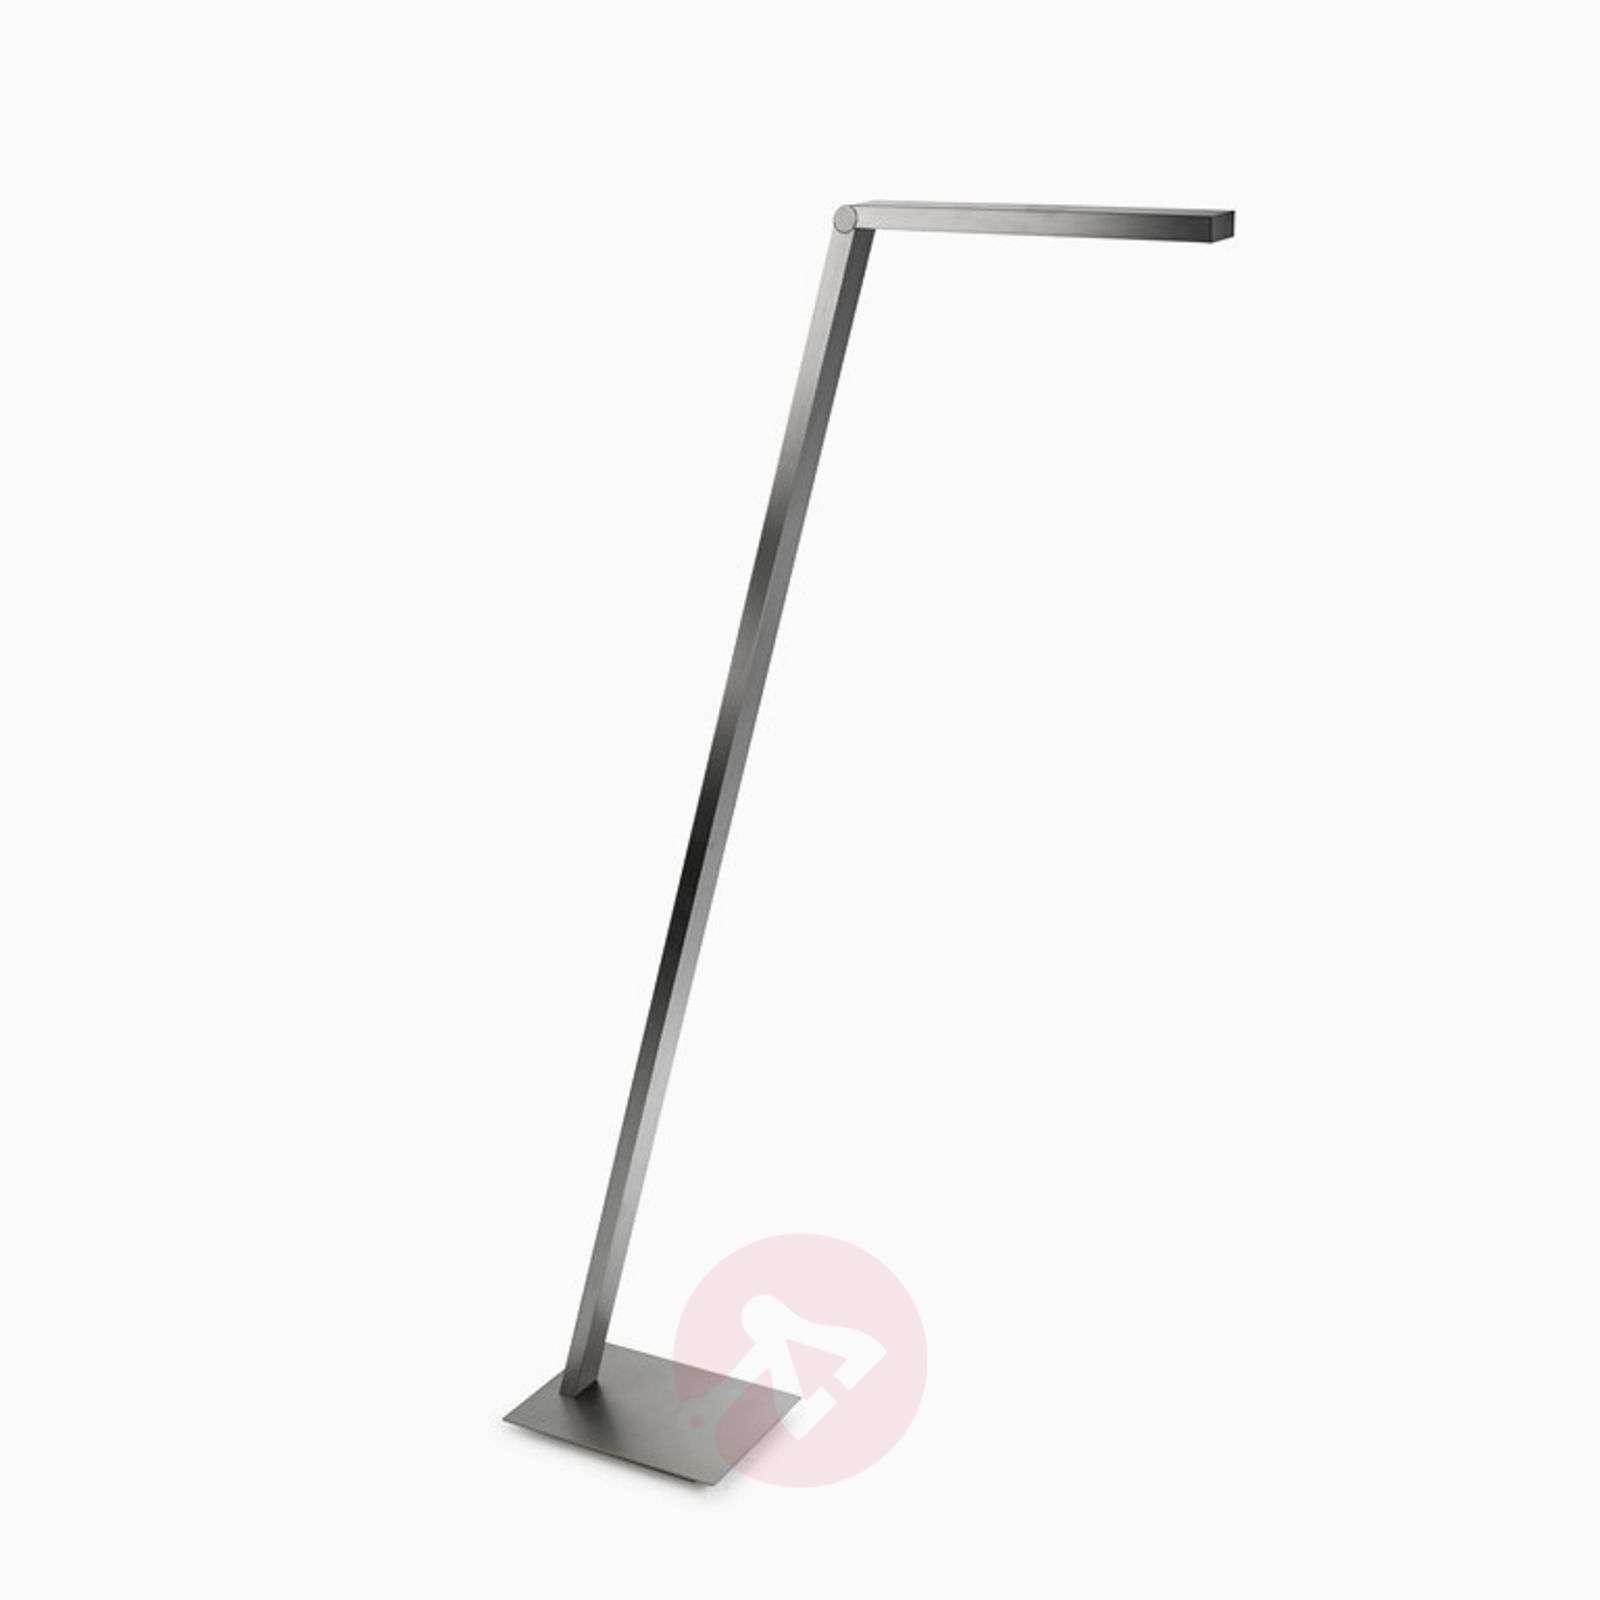 Himmennettävä LED-lattiavalaisin Clau-7585012-01